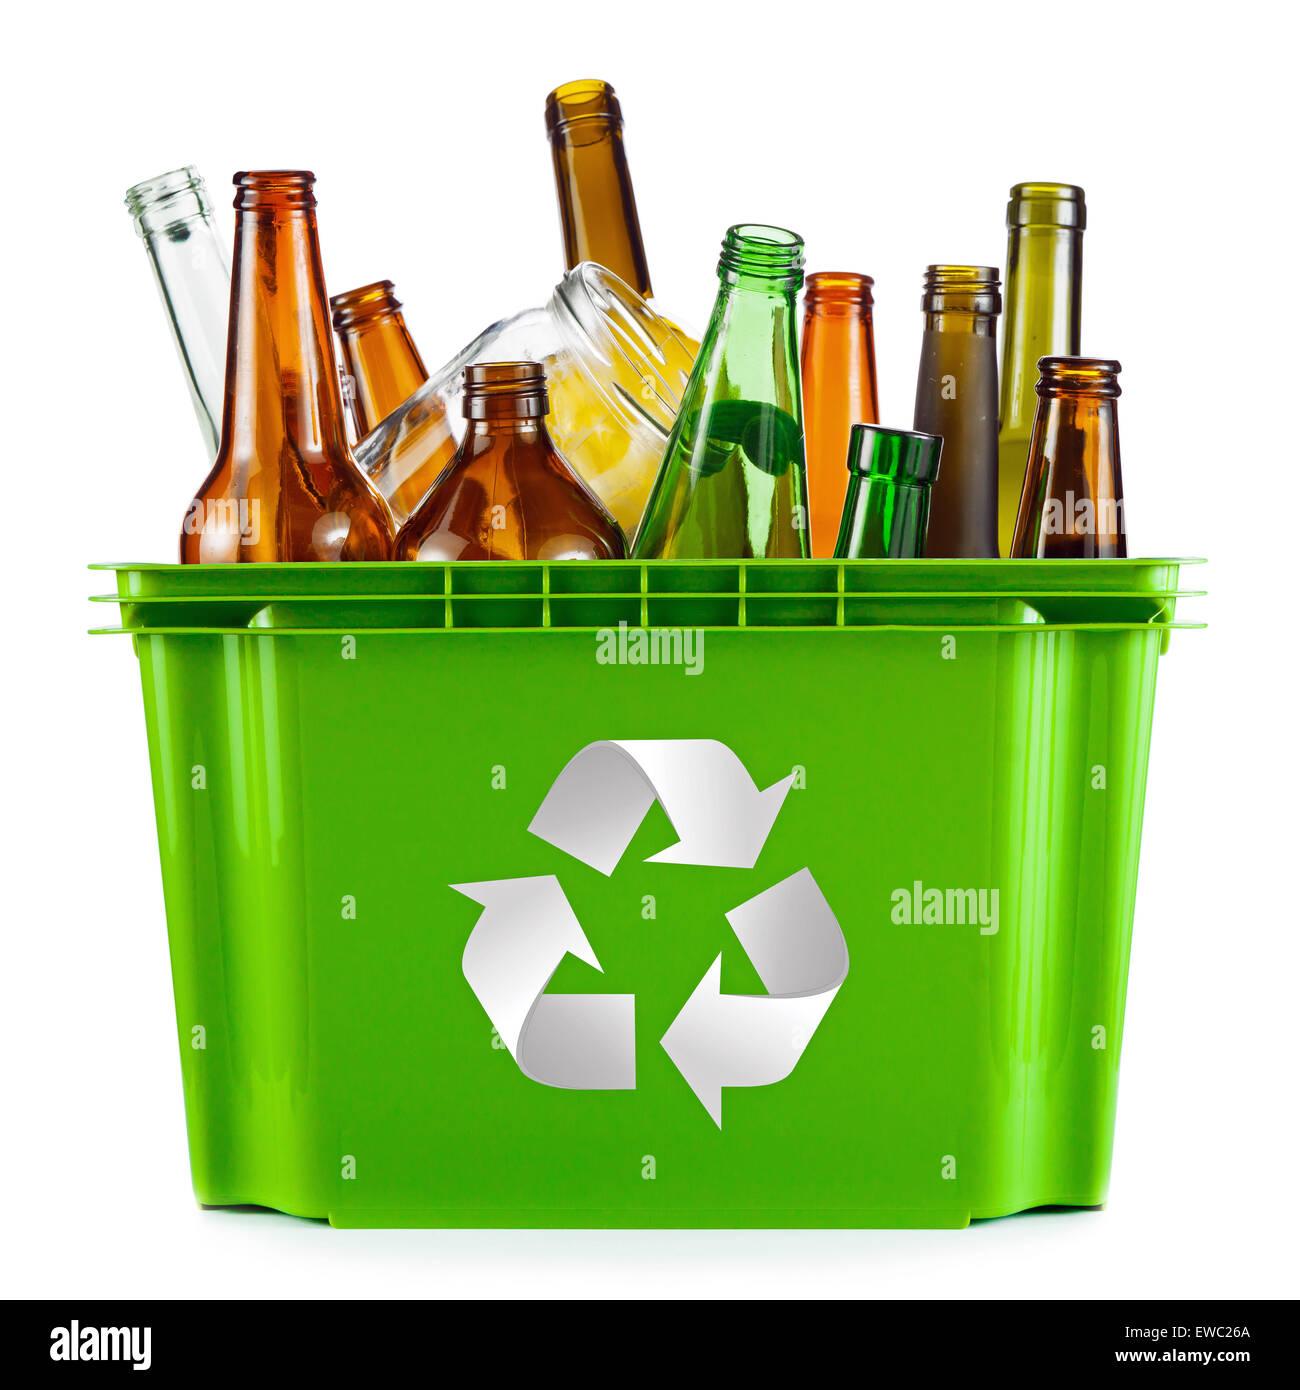 Concepto de reciclaje - depósito lleno de vidrio Imagen De Stock